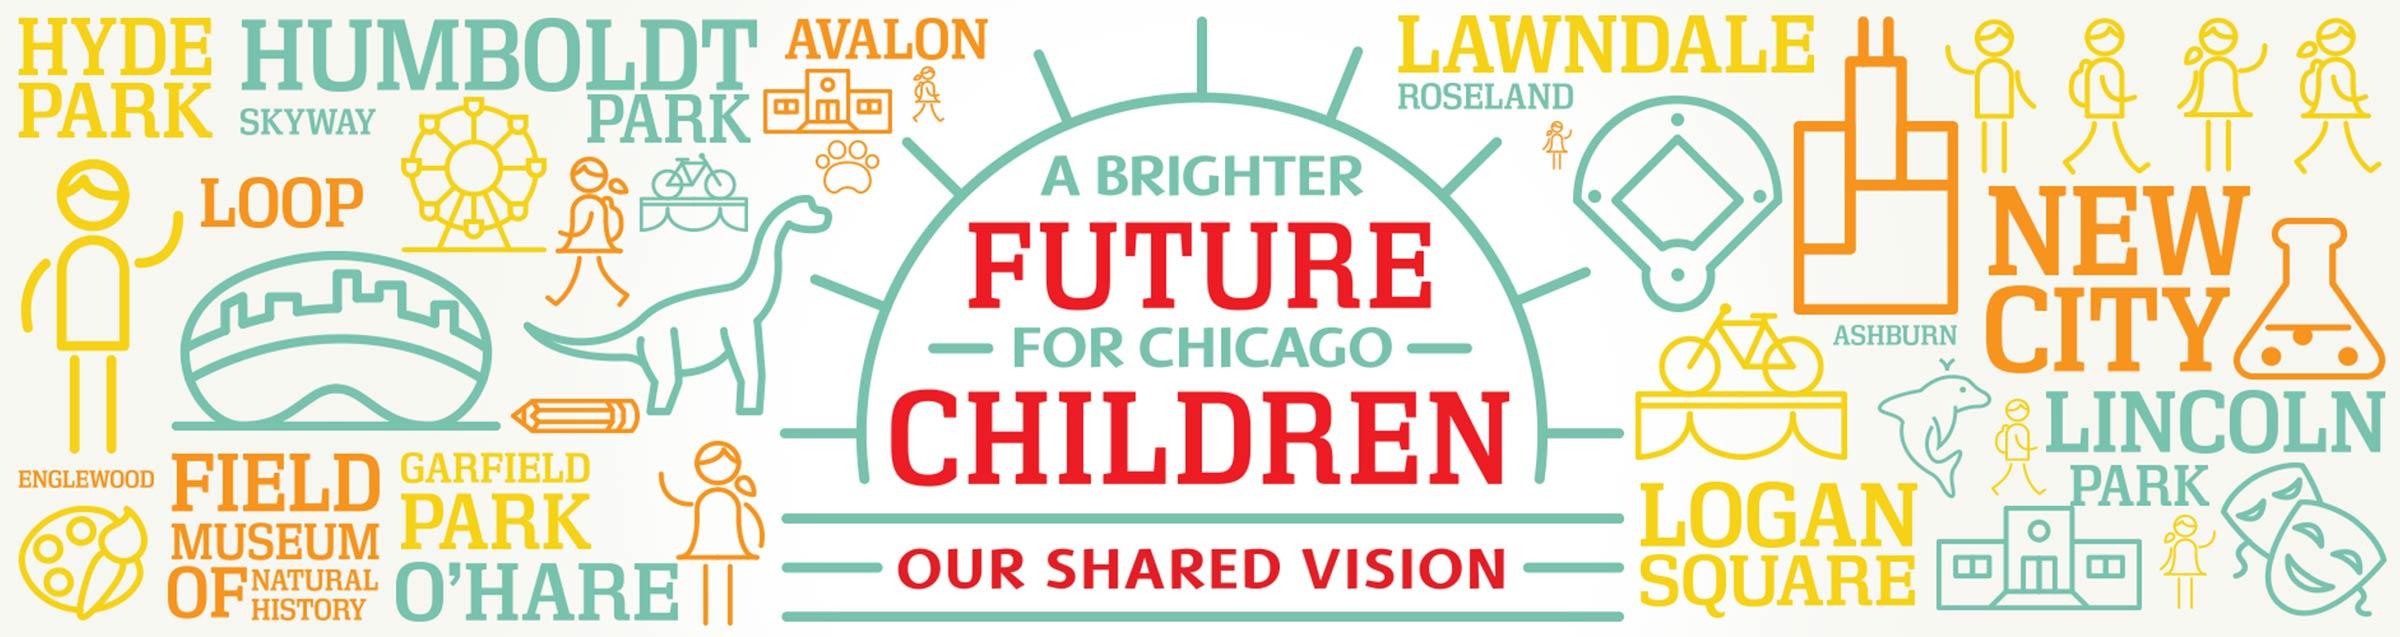 A Brighter Future for Chicago Children